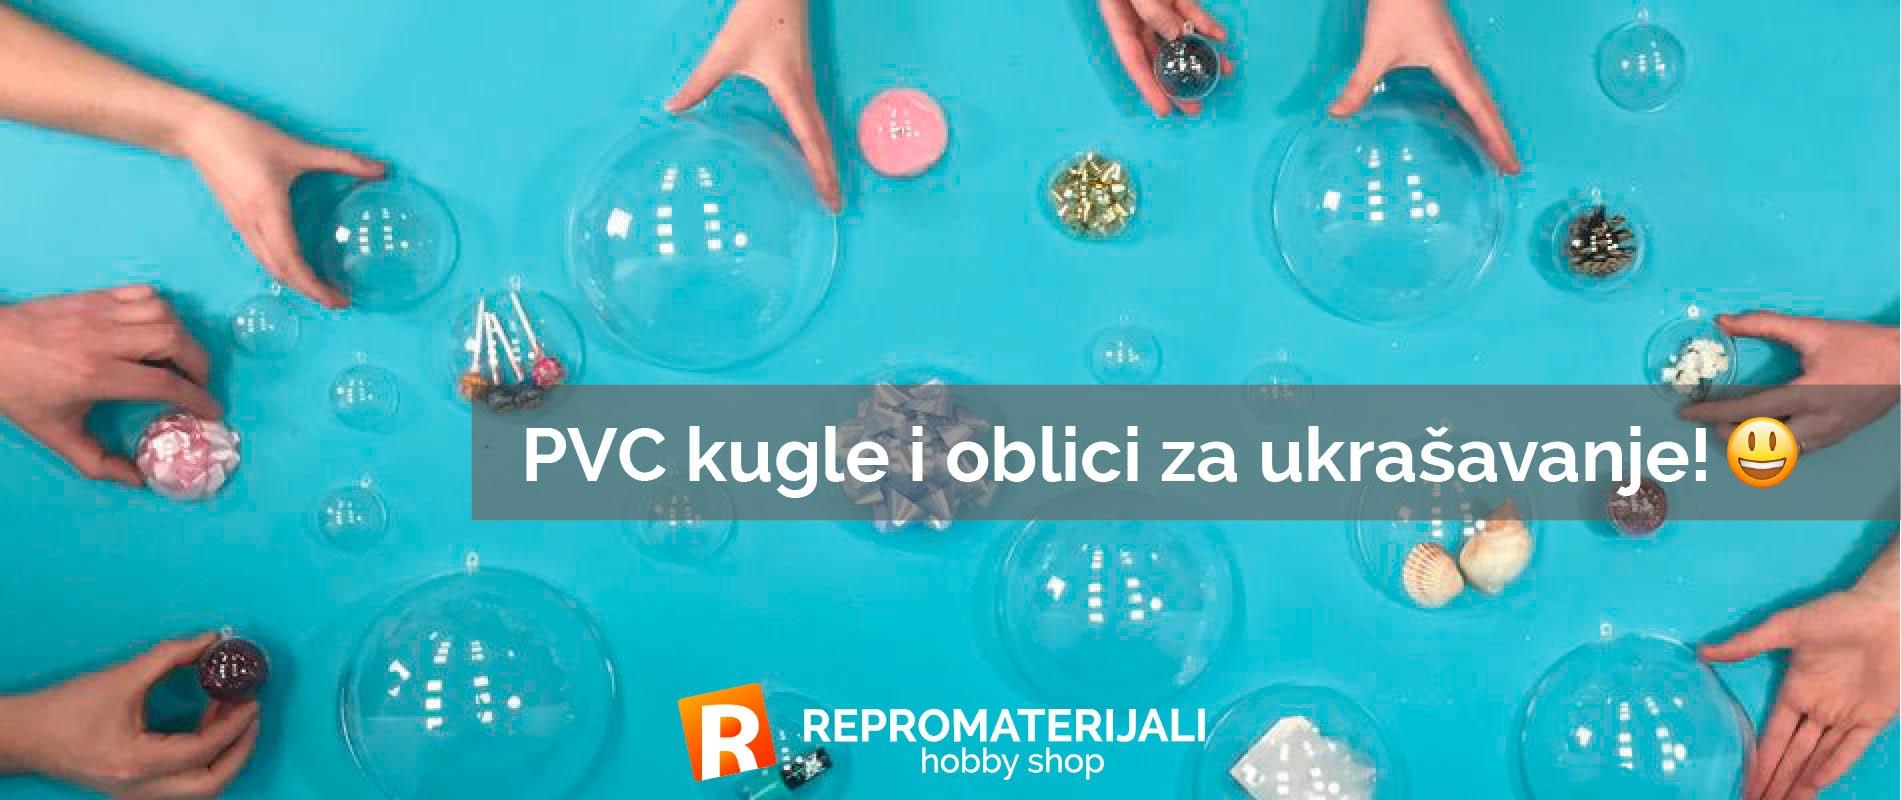 PVC kugle i oblici